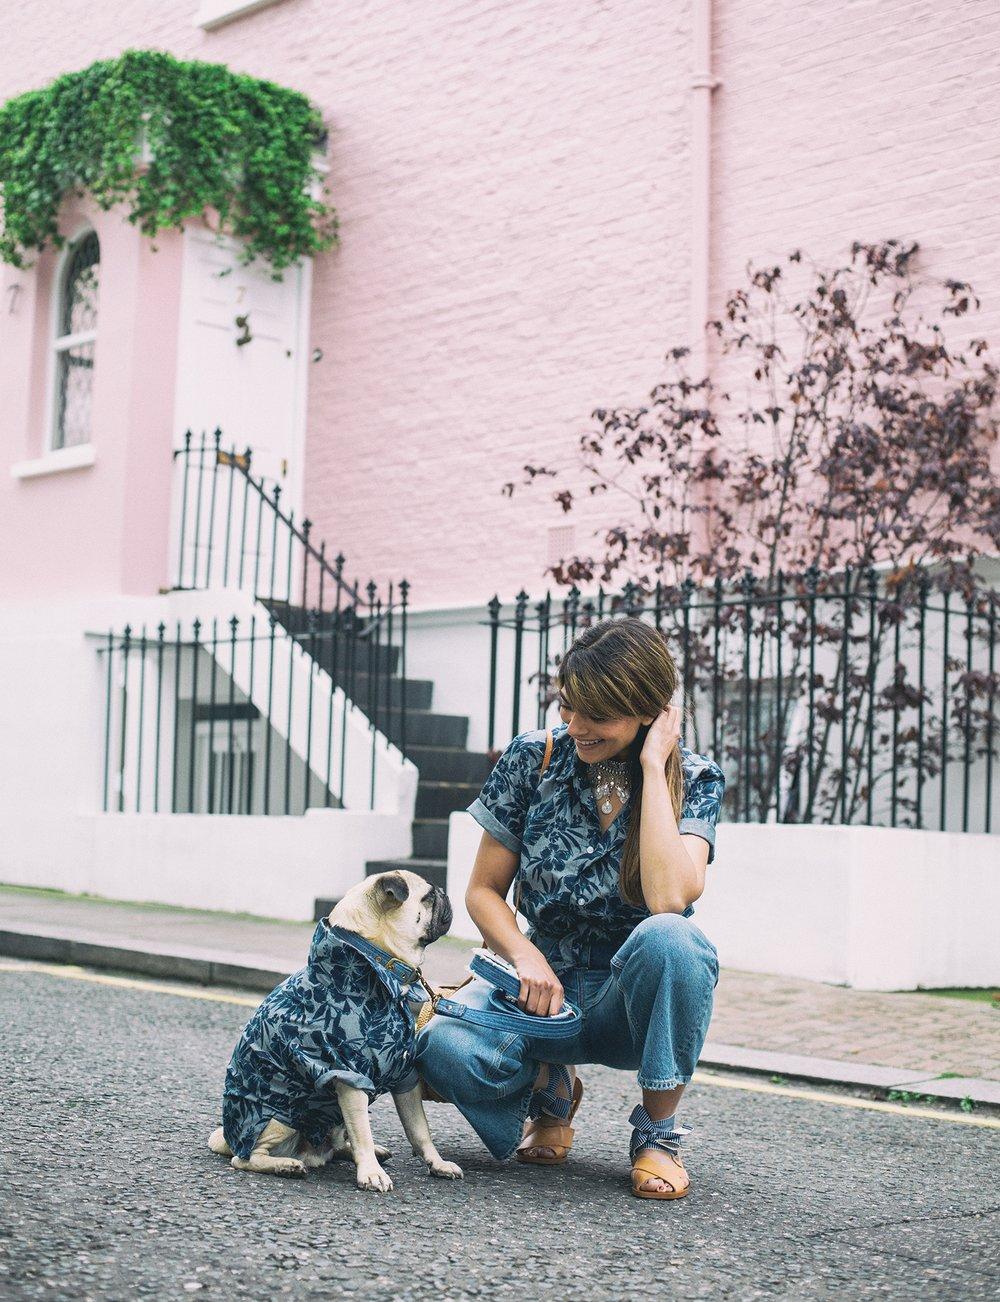 honeyidressedthepug-dogblog-dogfashionblog-petfashionblog-london-nottinghill-humanandhound-fashion-twinning-best-top-doglifestyleblog-pupfashion-petblogger-dogsinclothes-matchingwithyourdog-dogmomblog-dogmomstyle-furmomblog-fashionblog-ariandm 23.jpg